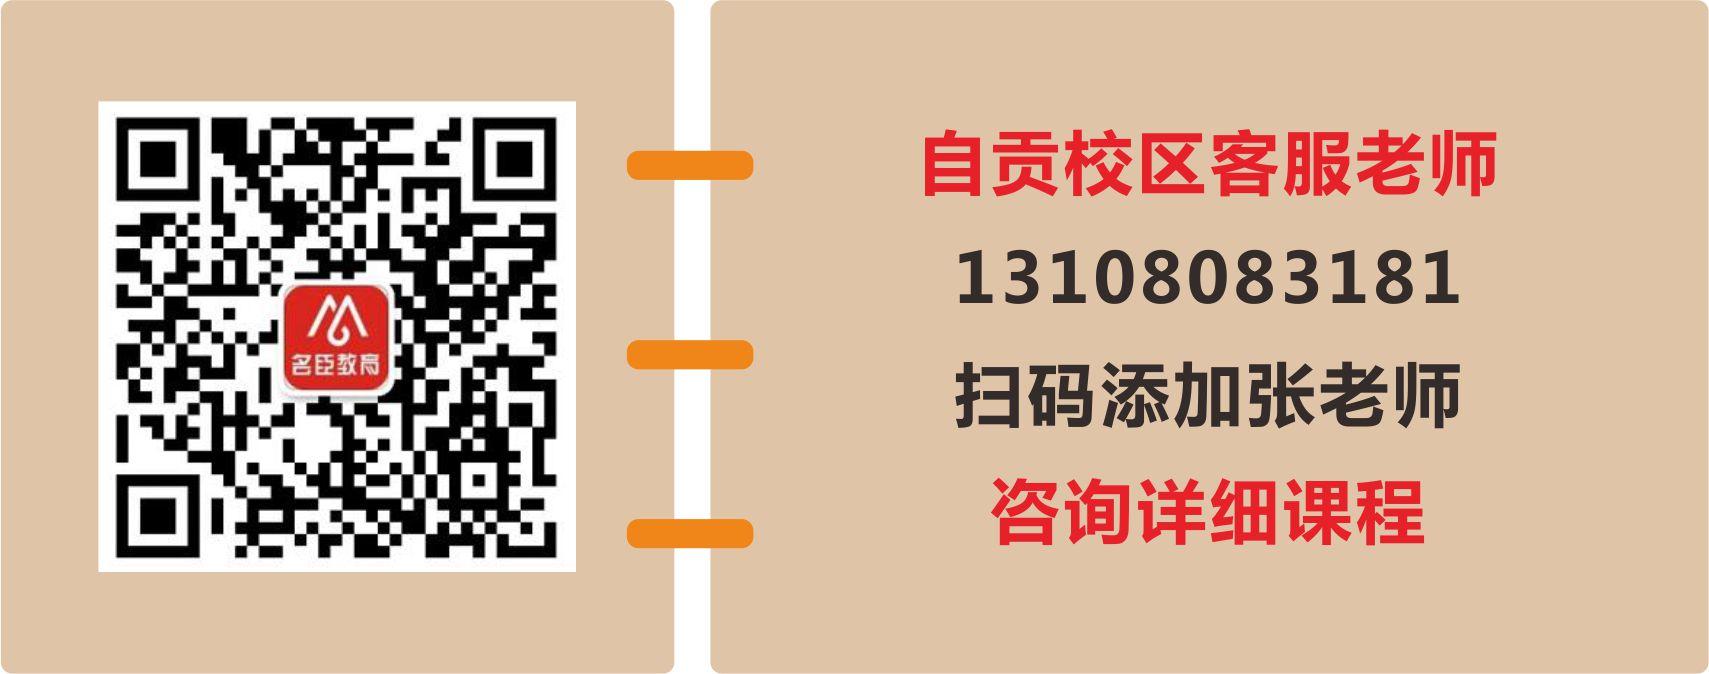 2020年6月6日上午北京市考面试真题(图7)